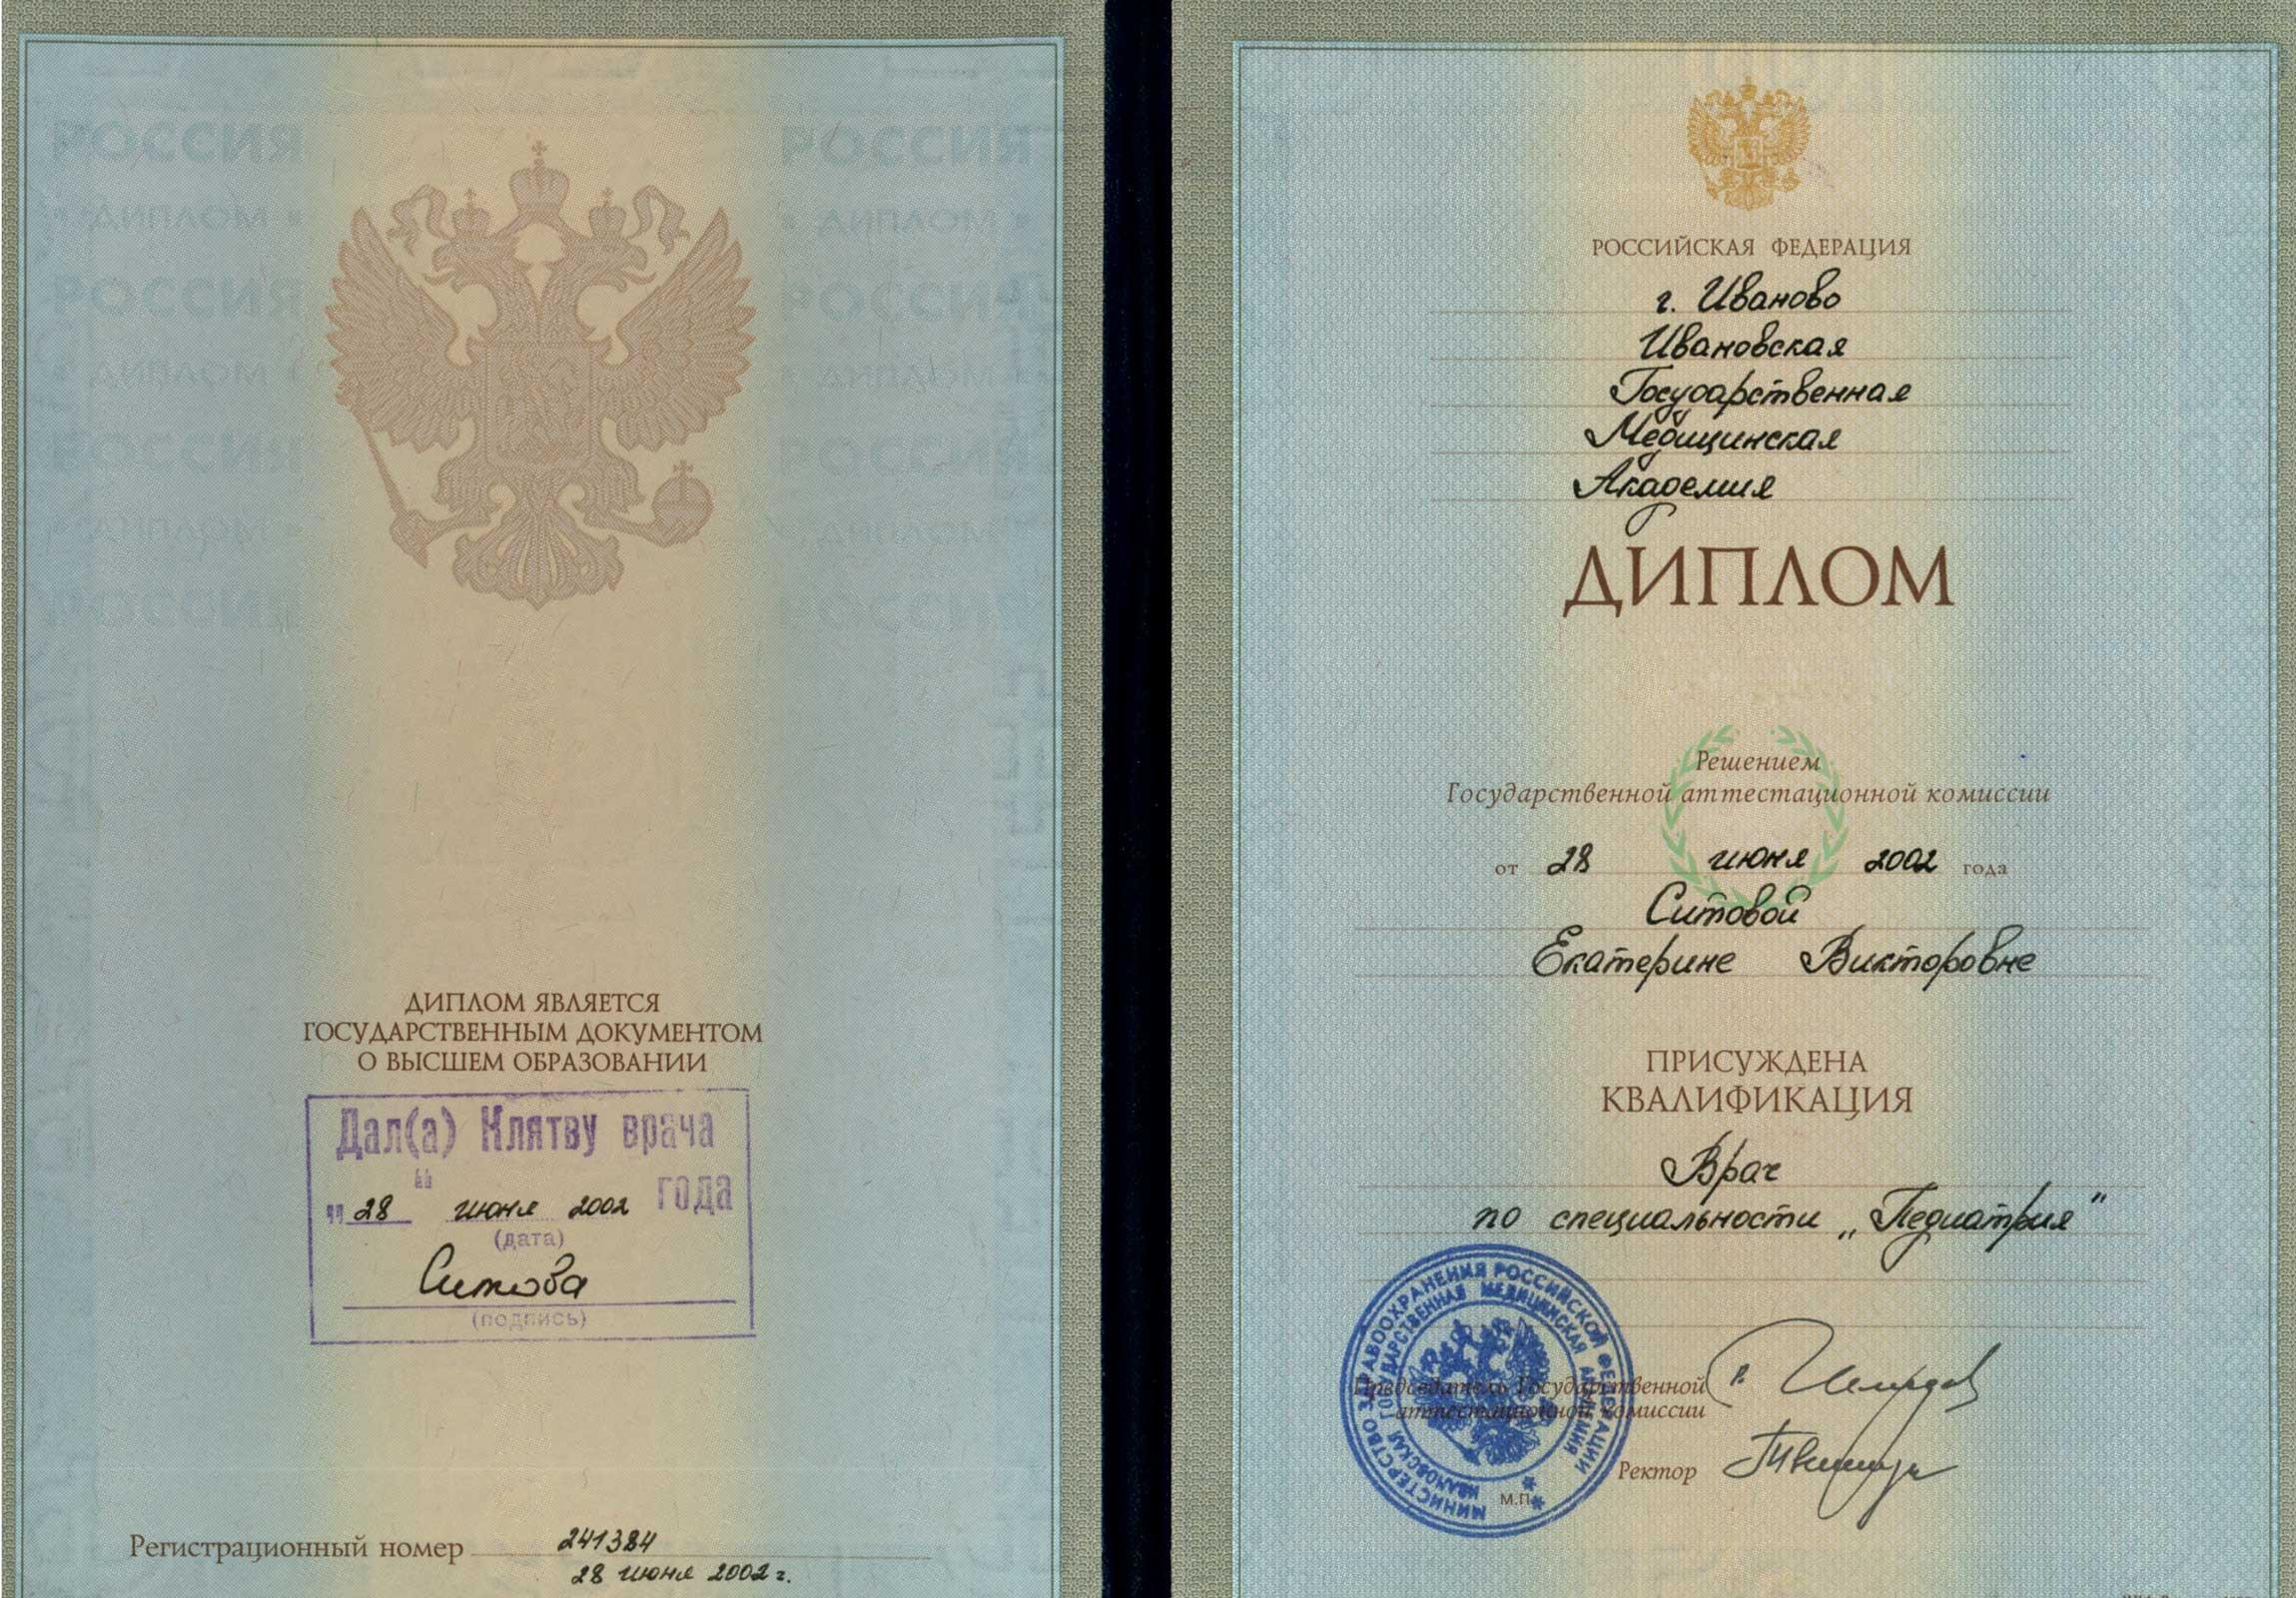 Ситова диплом врача трихолога